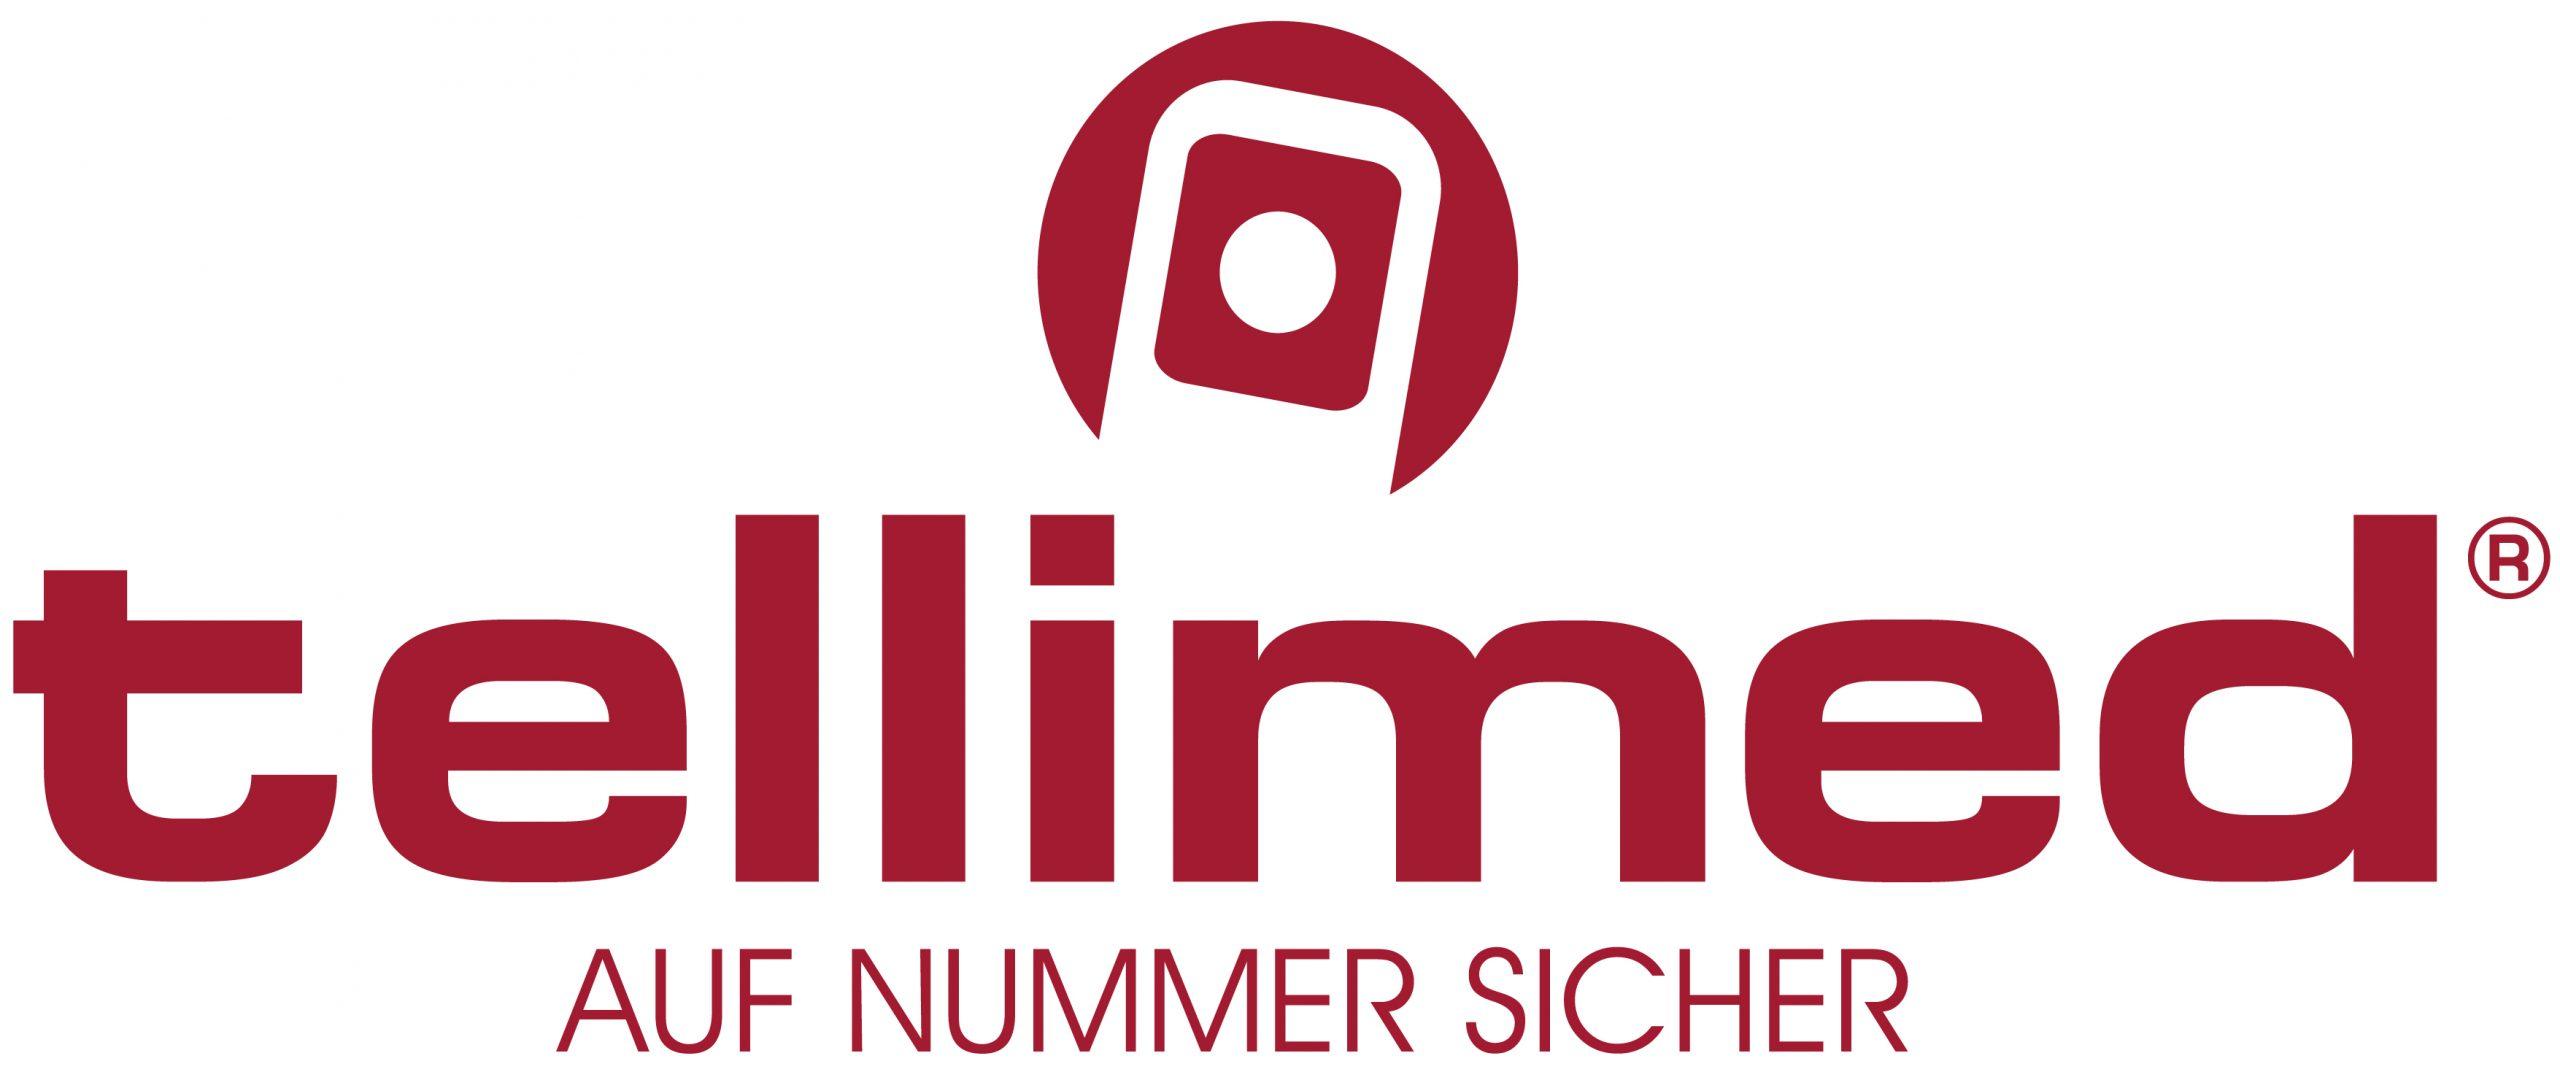 tellimed.de | AUF NUMMER SICHER